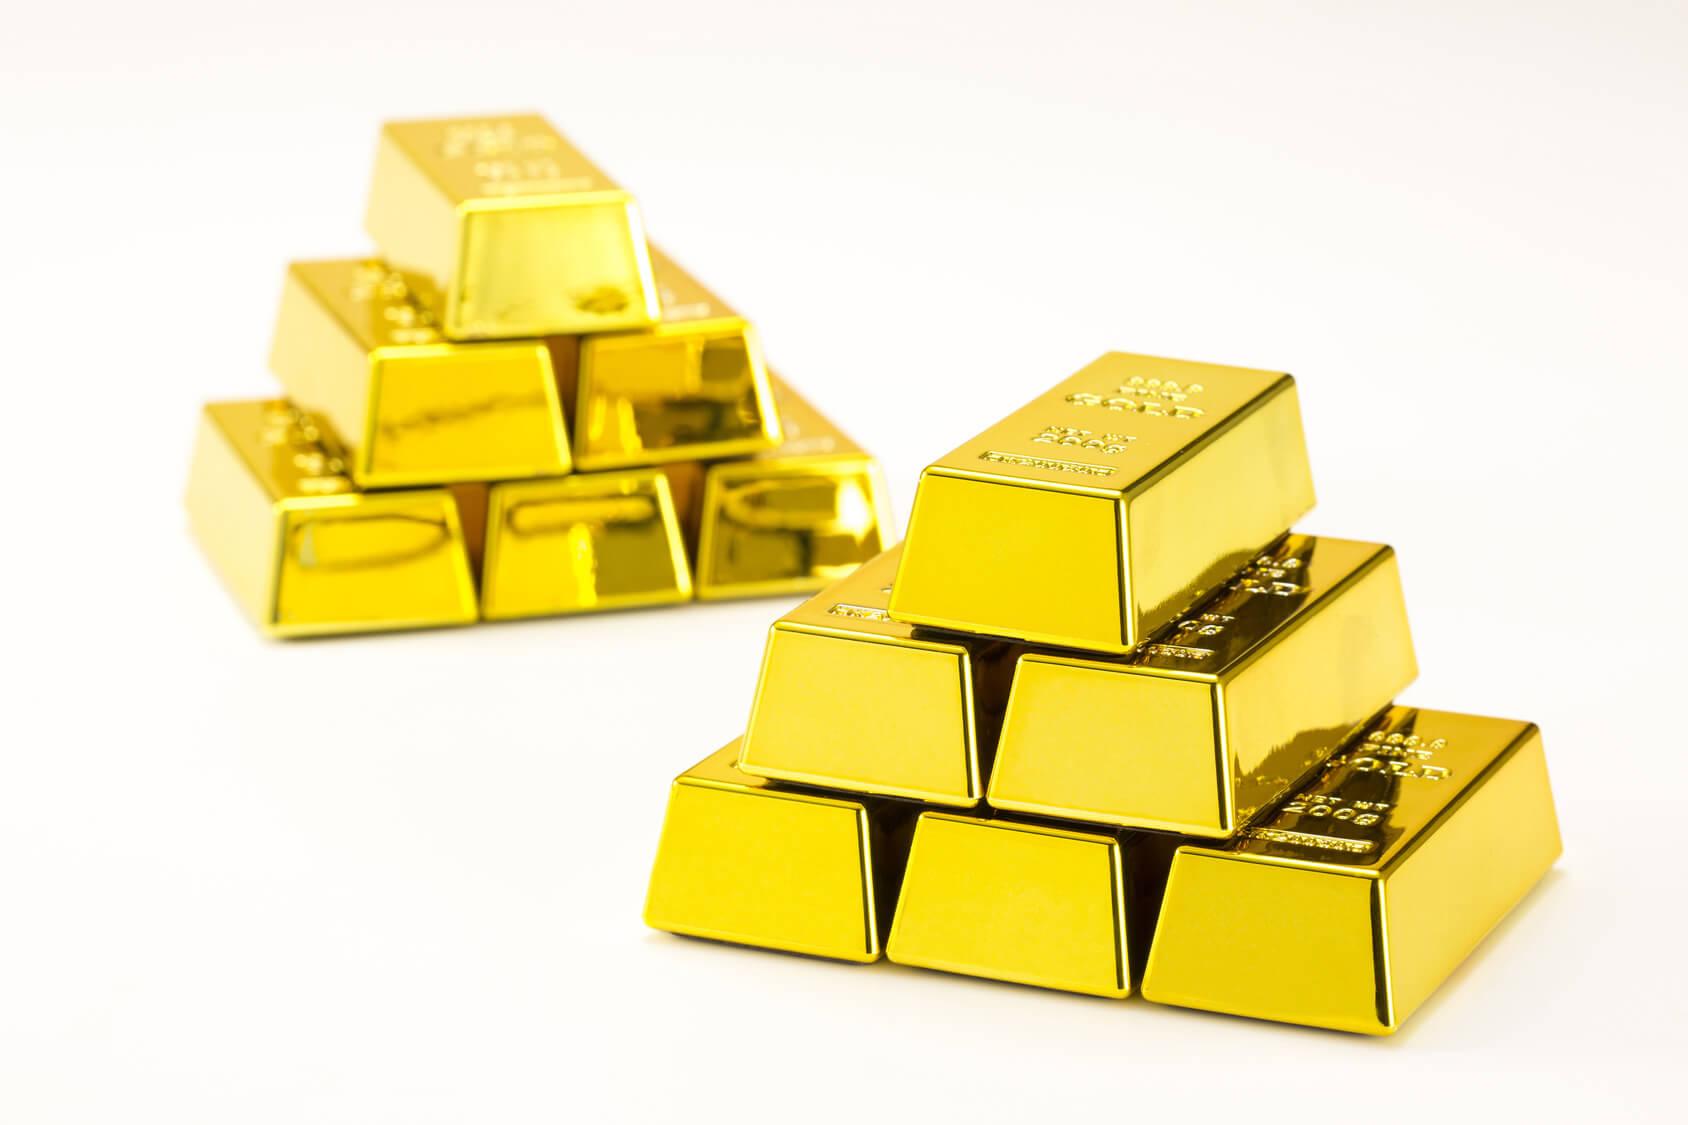 純金積立のイメージ